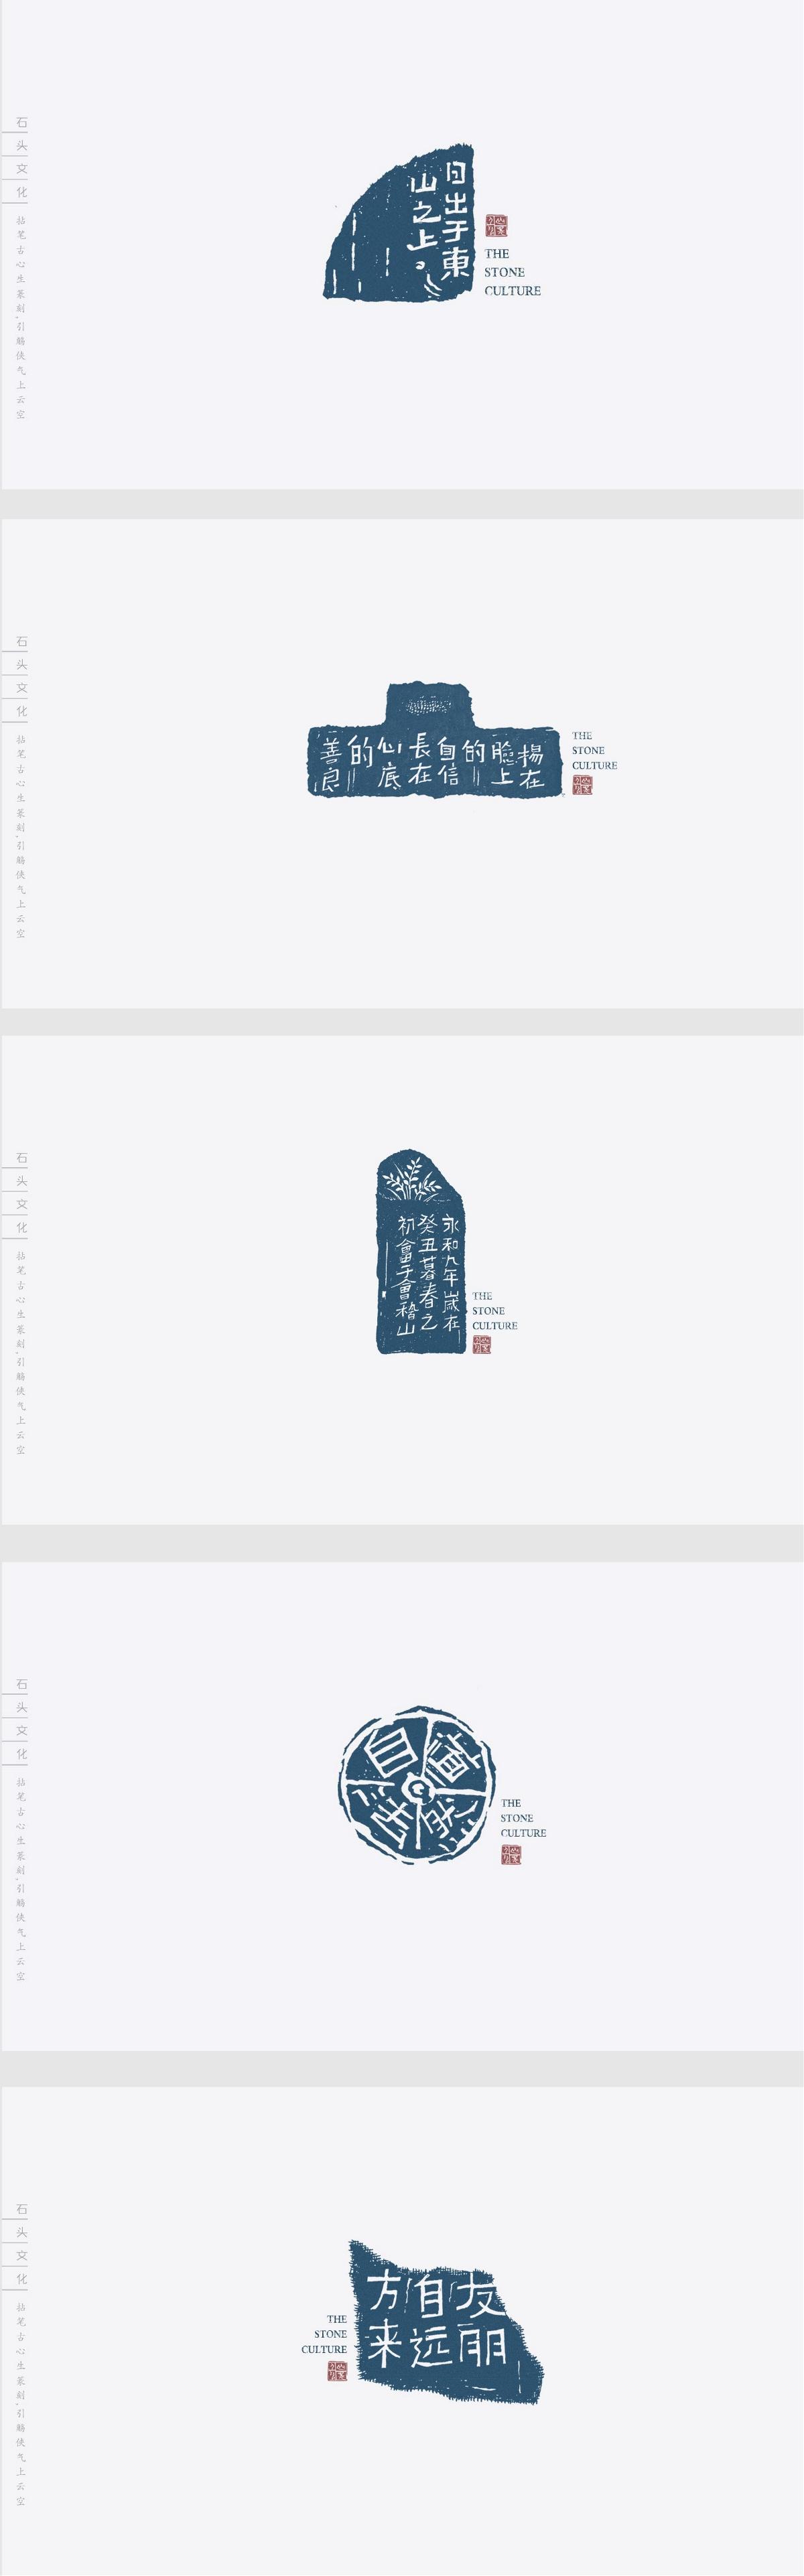 石頭文化_印章_食品包裝_快消品包裝_特產包裝設計_品牌